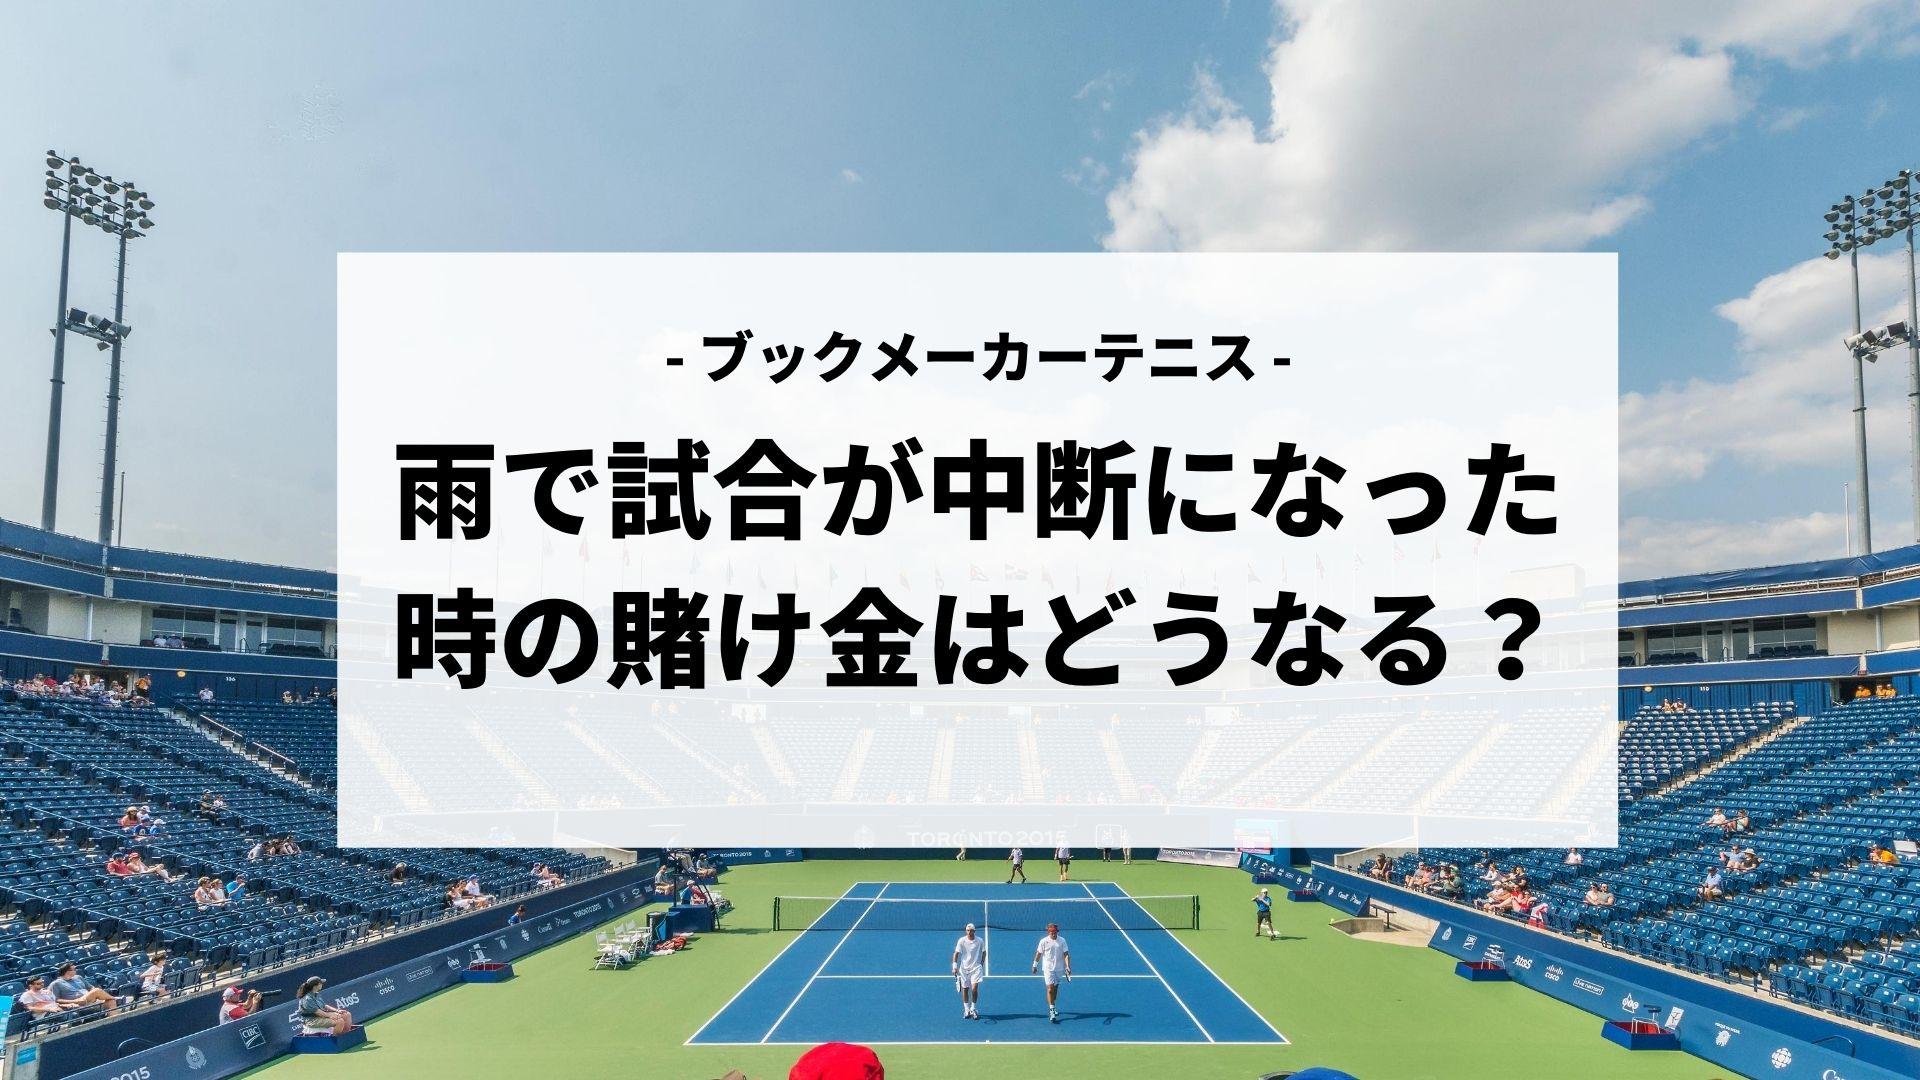 ブックメーカーテニスで雨で試合が中断になった